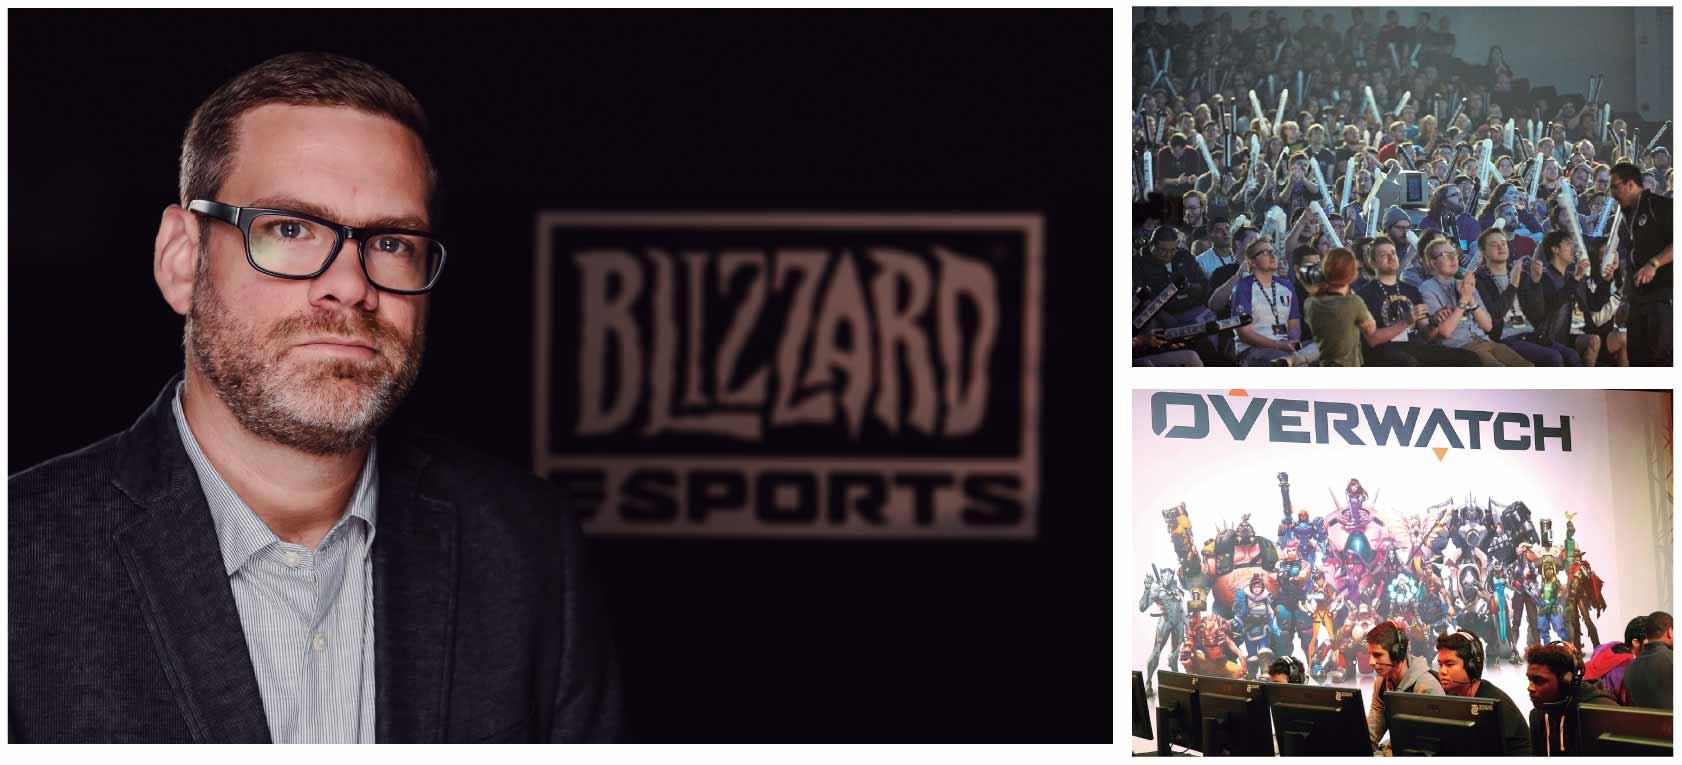 Diez millones de personas vieron el estreno de la Overwatch League